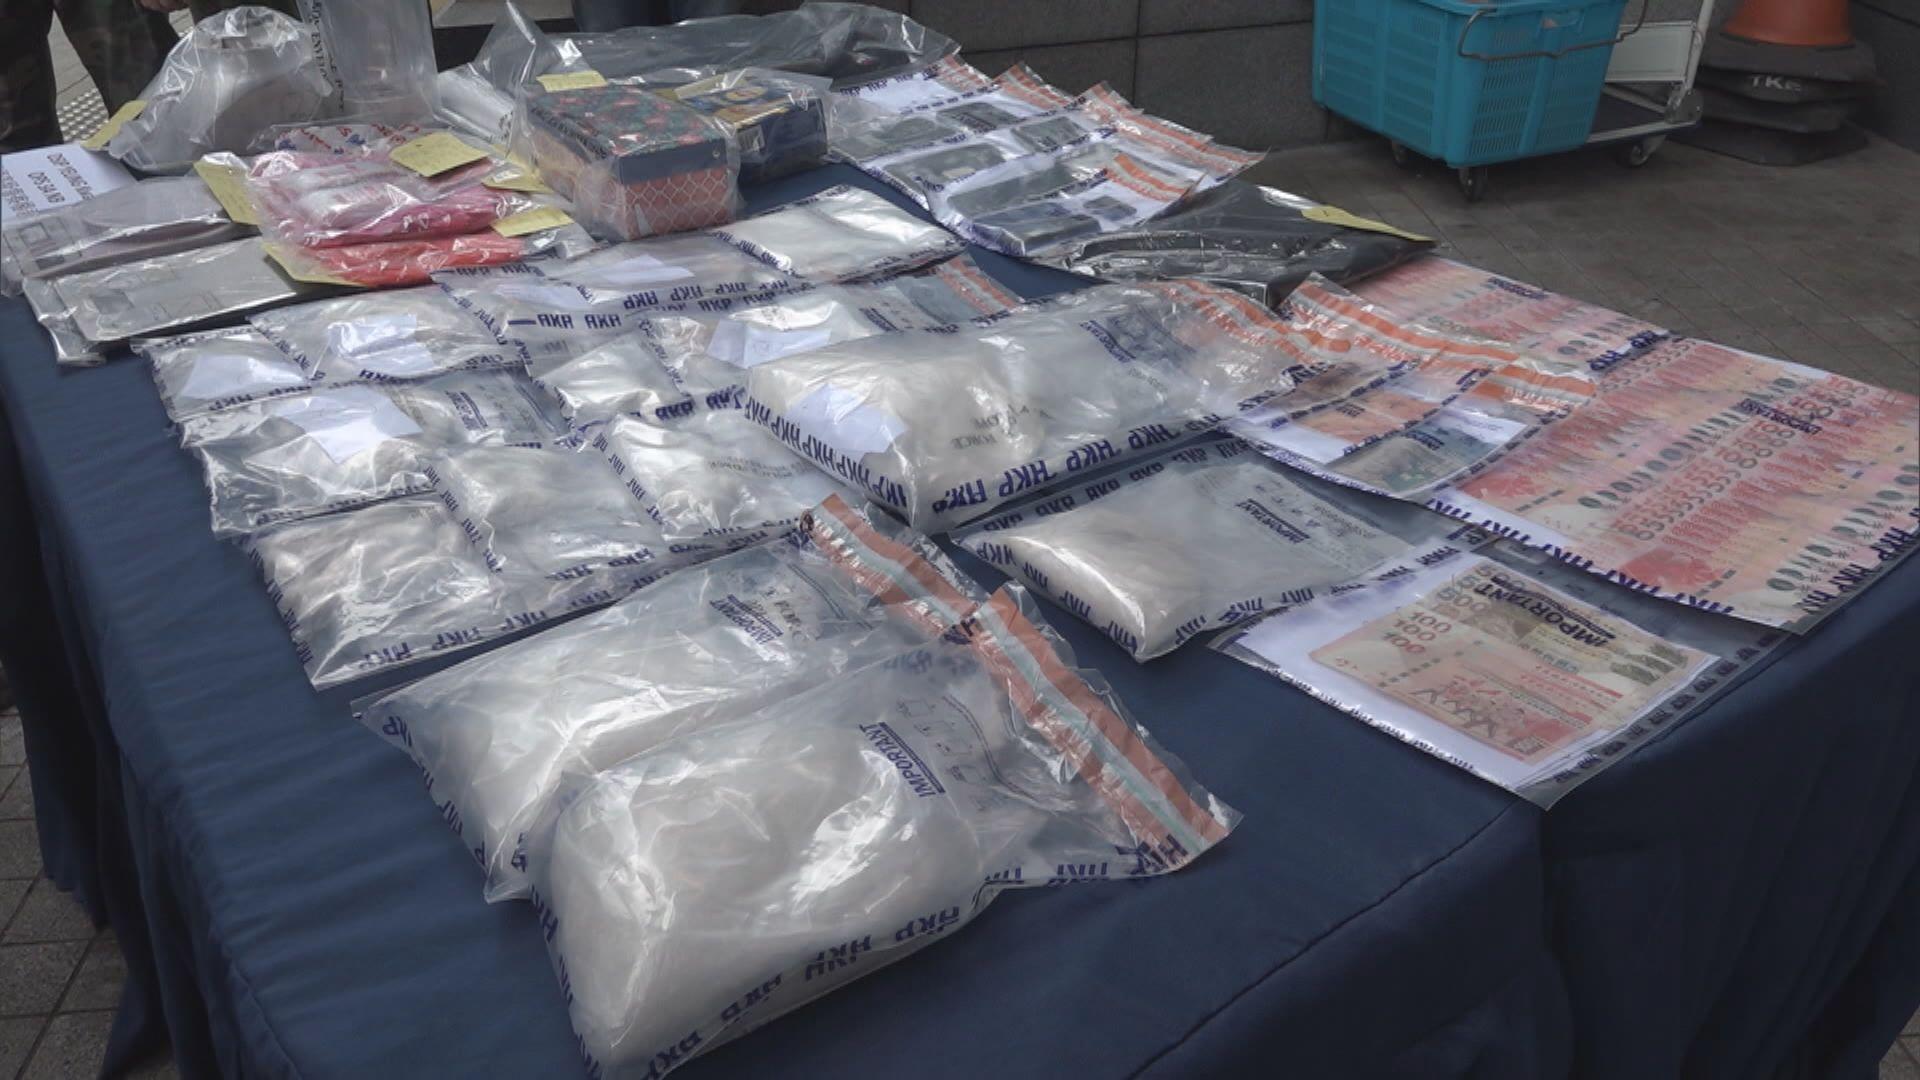 警方重慶大廈拘三外籍漢涉販毒 檢逾三百萬元毒品